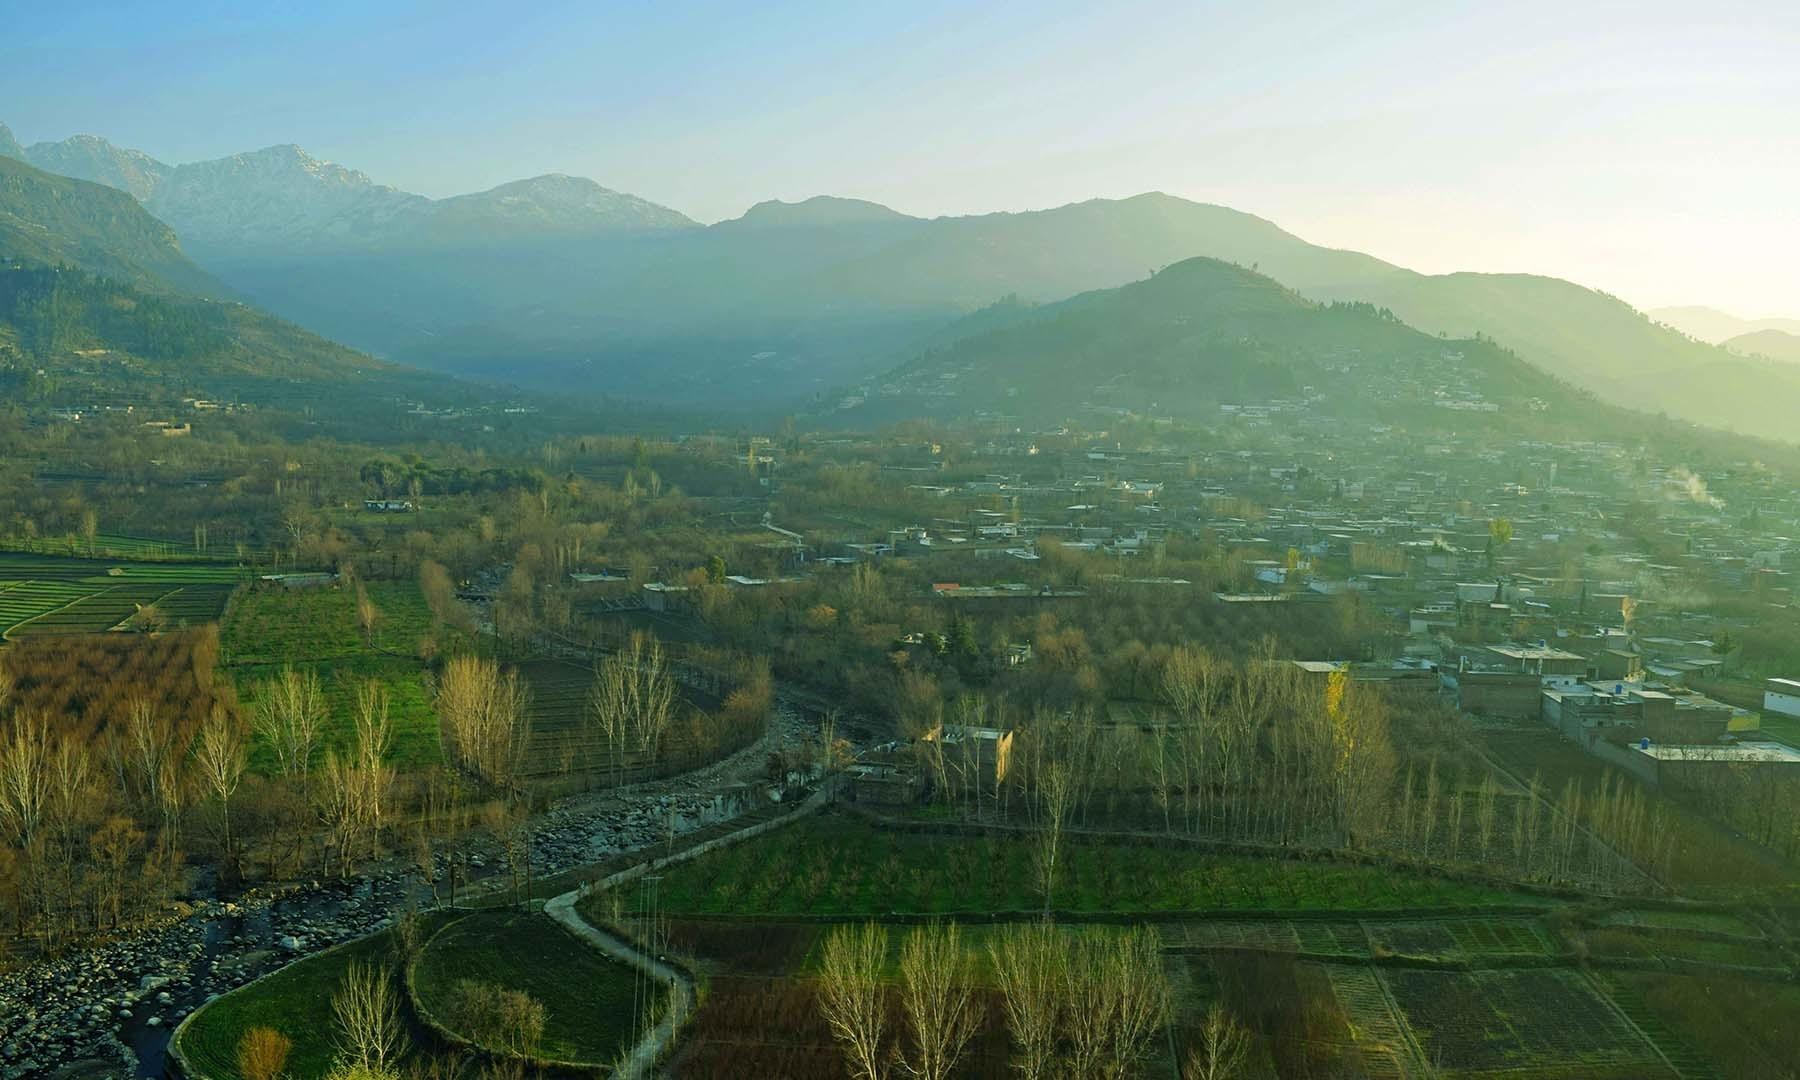 گاؤں منگلور کا ایک طائرانہ منظر.